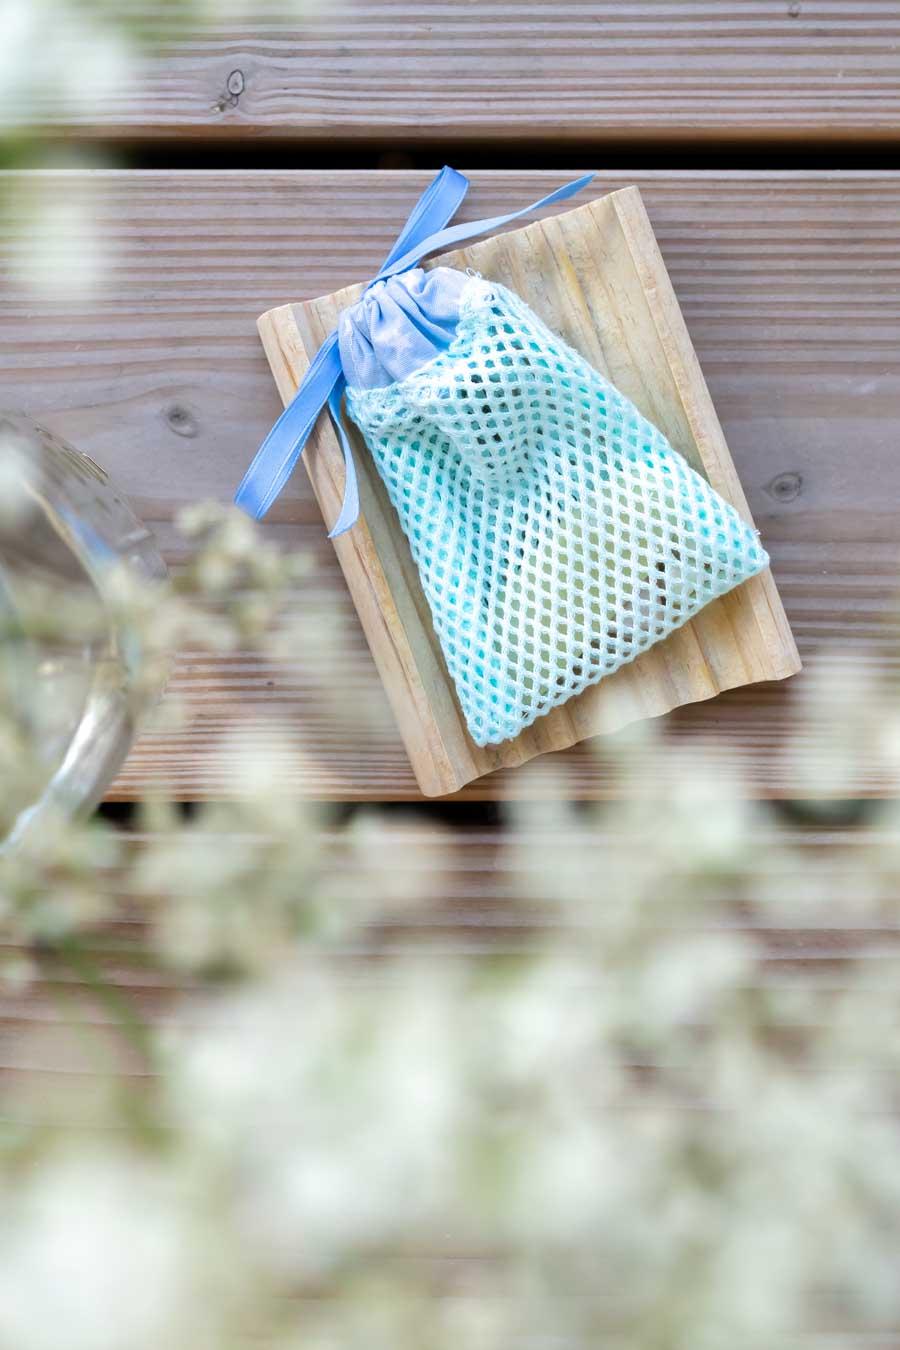 Seifensäckchen: Zero Waste im Badezimmer und eine DIY-Idee für weniger Abfall im Haushalt: www.chezmamapoule.com #zerowaste #unverpackt #lesswaste #diy #tutorial #zerowasteidee #nähen #zerowastegeschenke #seifensäckchen